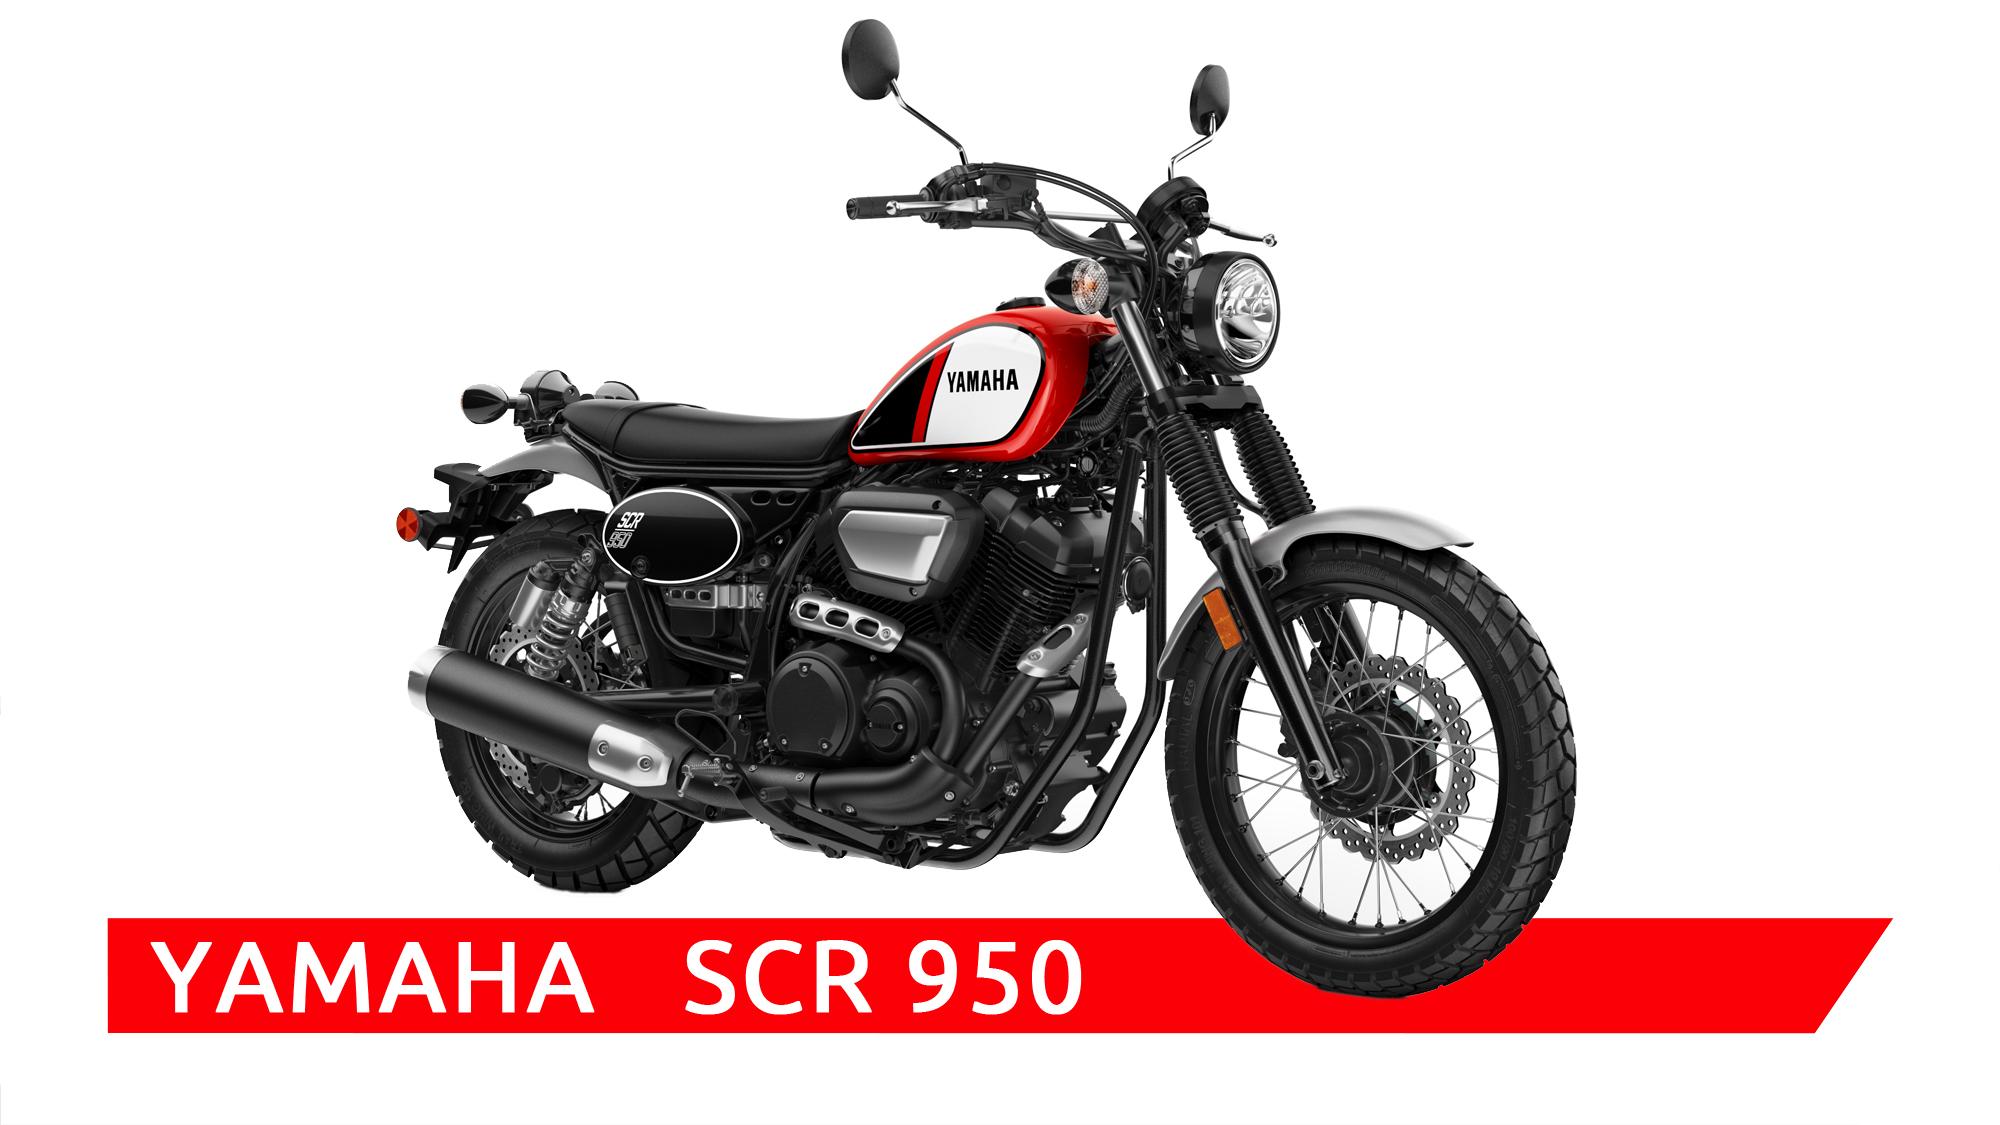 SCR 950